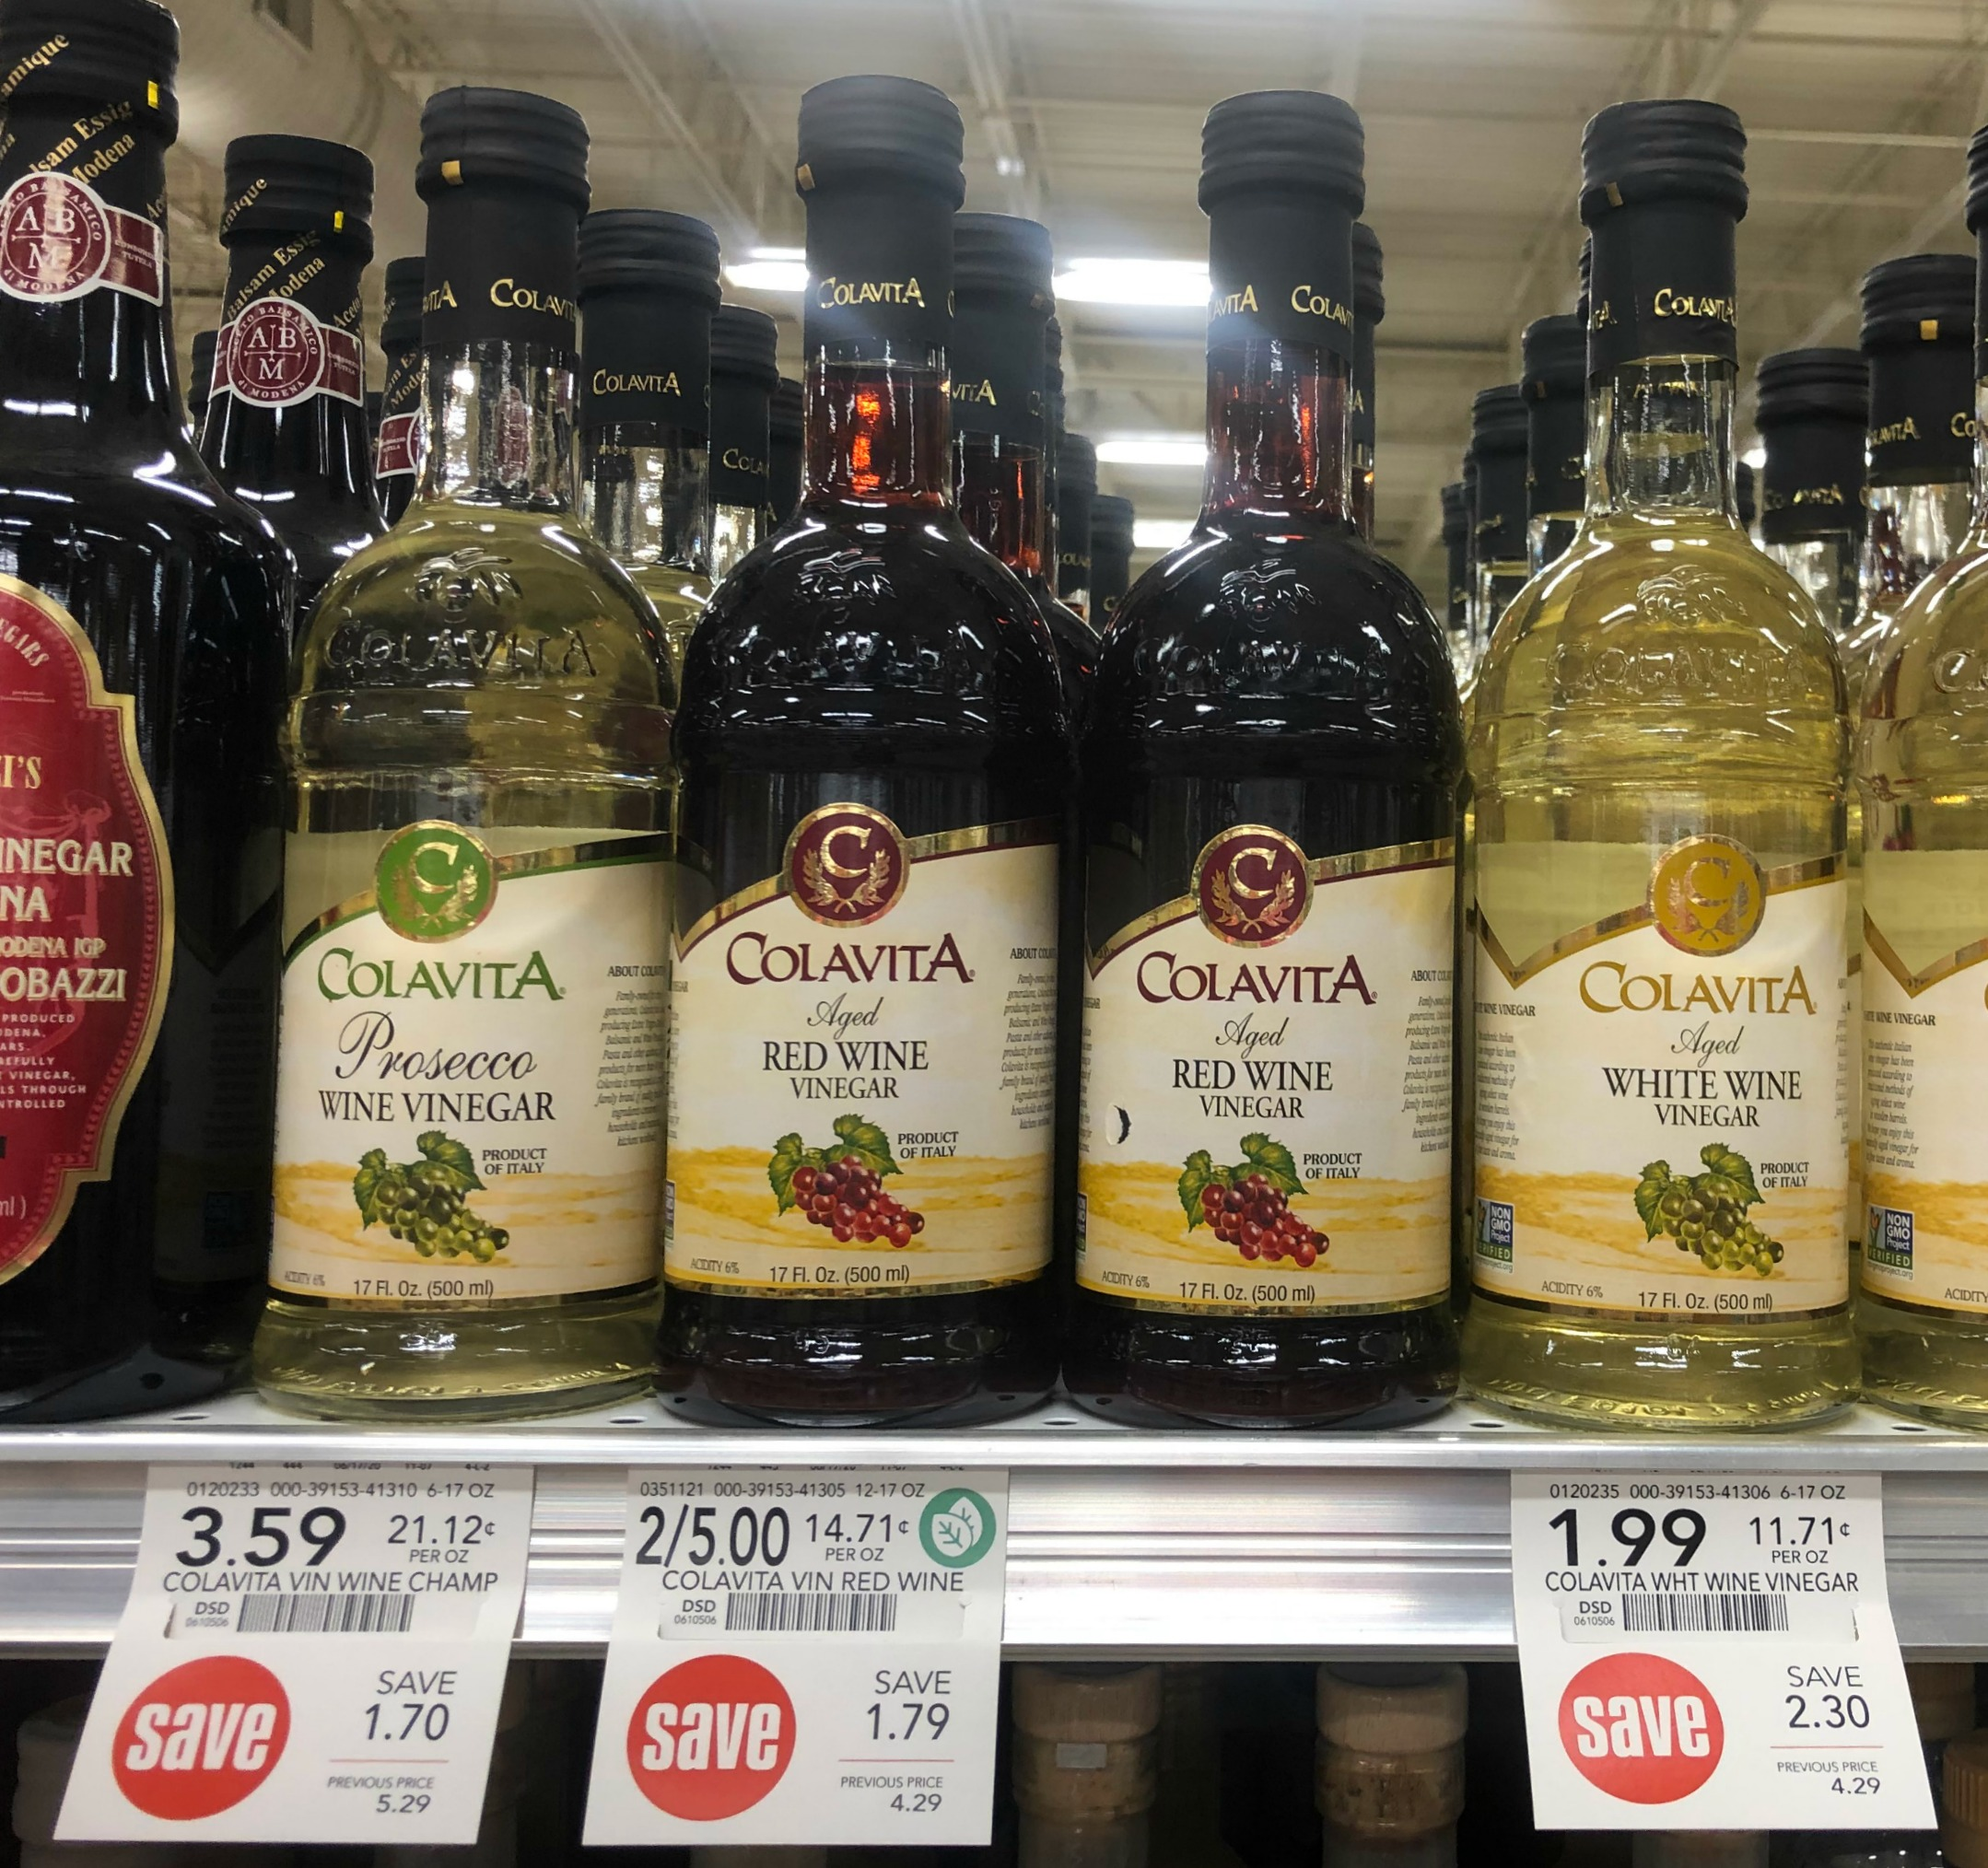 Super Cheap Colavita Vinegar At Publix - As Low As $1.99 on I Heart Publix